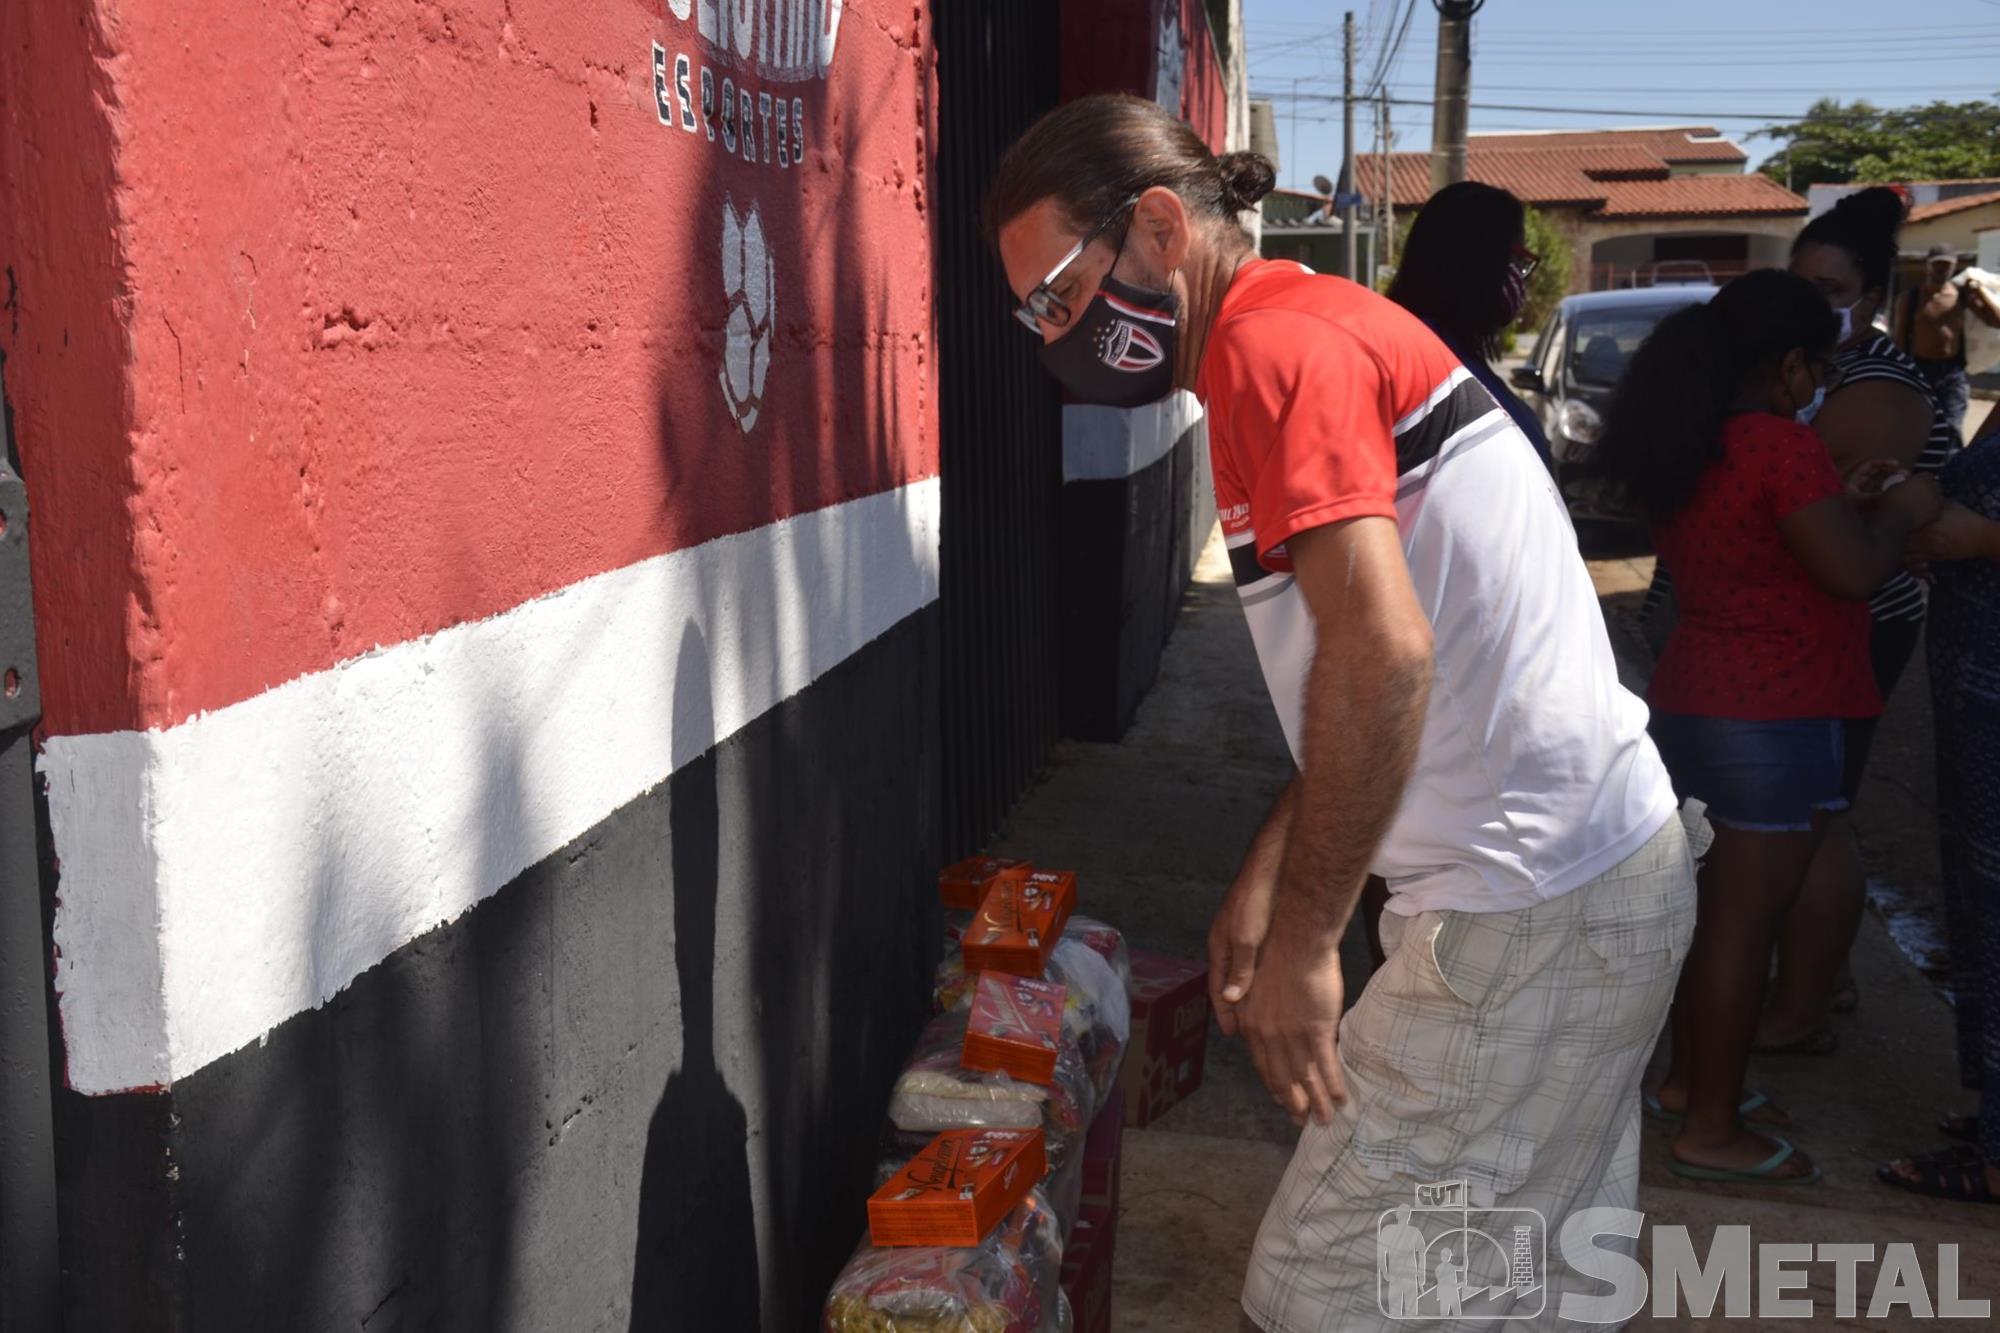 Caroline Queiróz Tomaz/Imprensa SMetal, Paulistano,  CUFA e Banco de Alimentos realizaram doações neste sábado